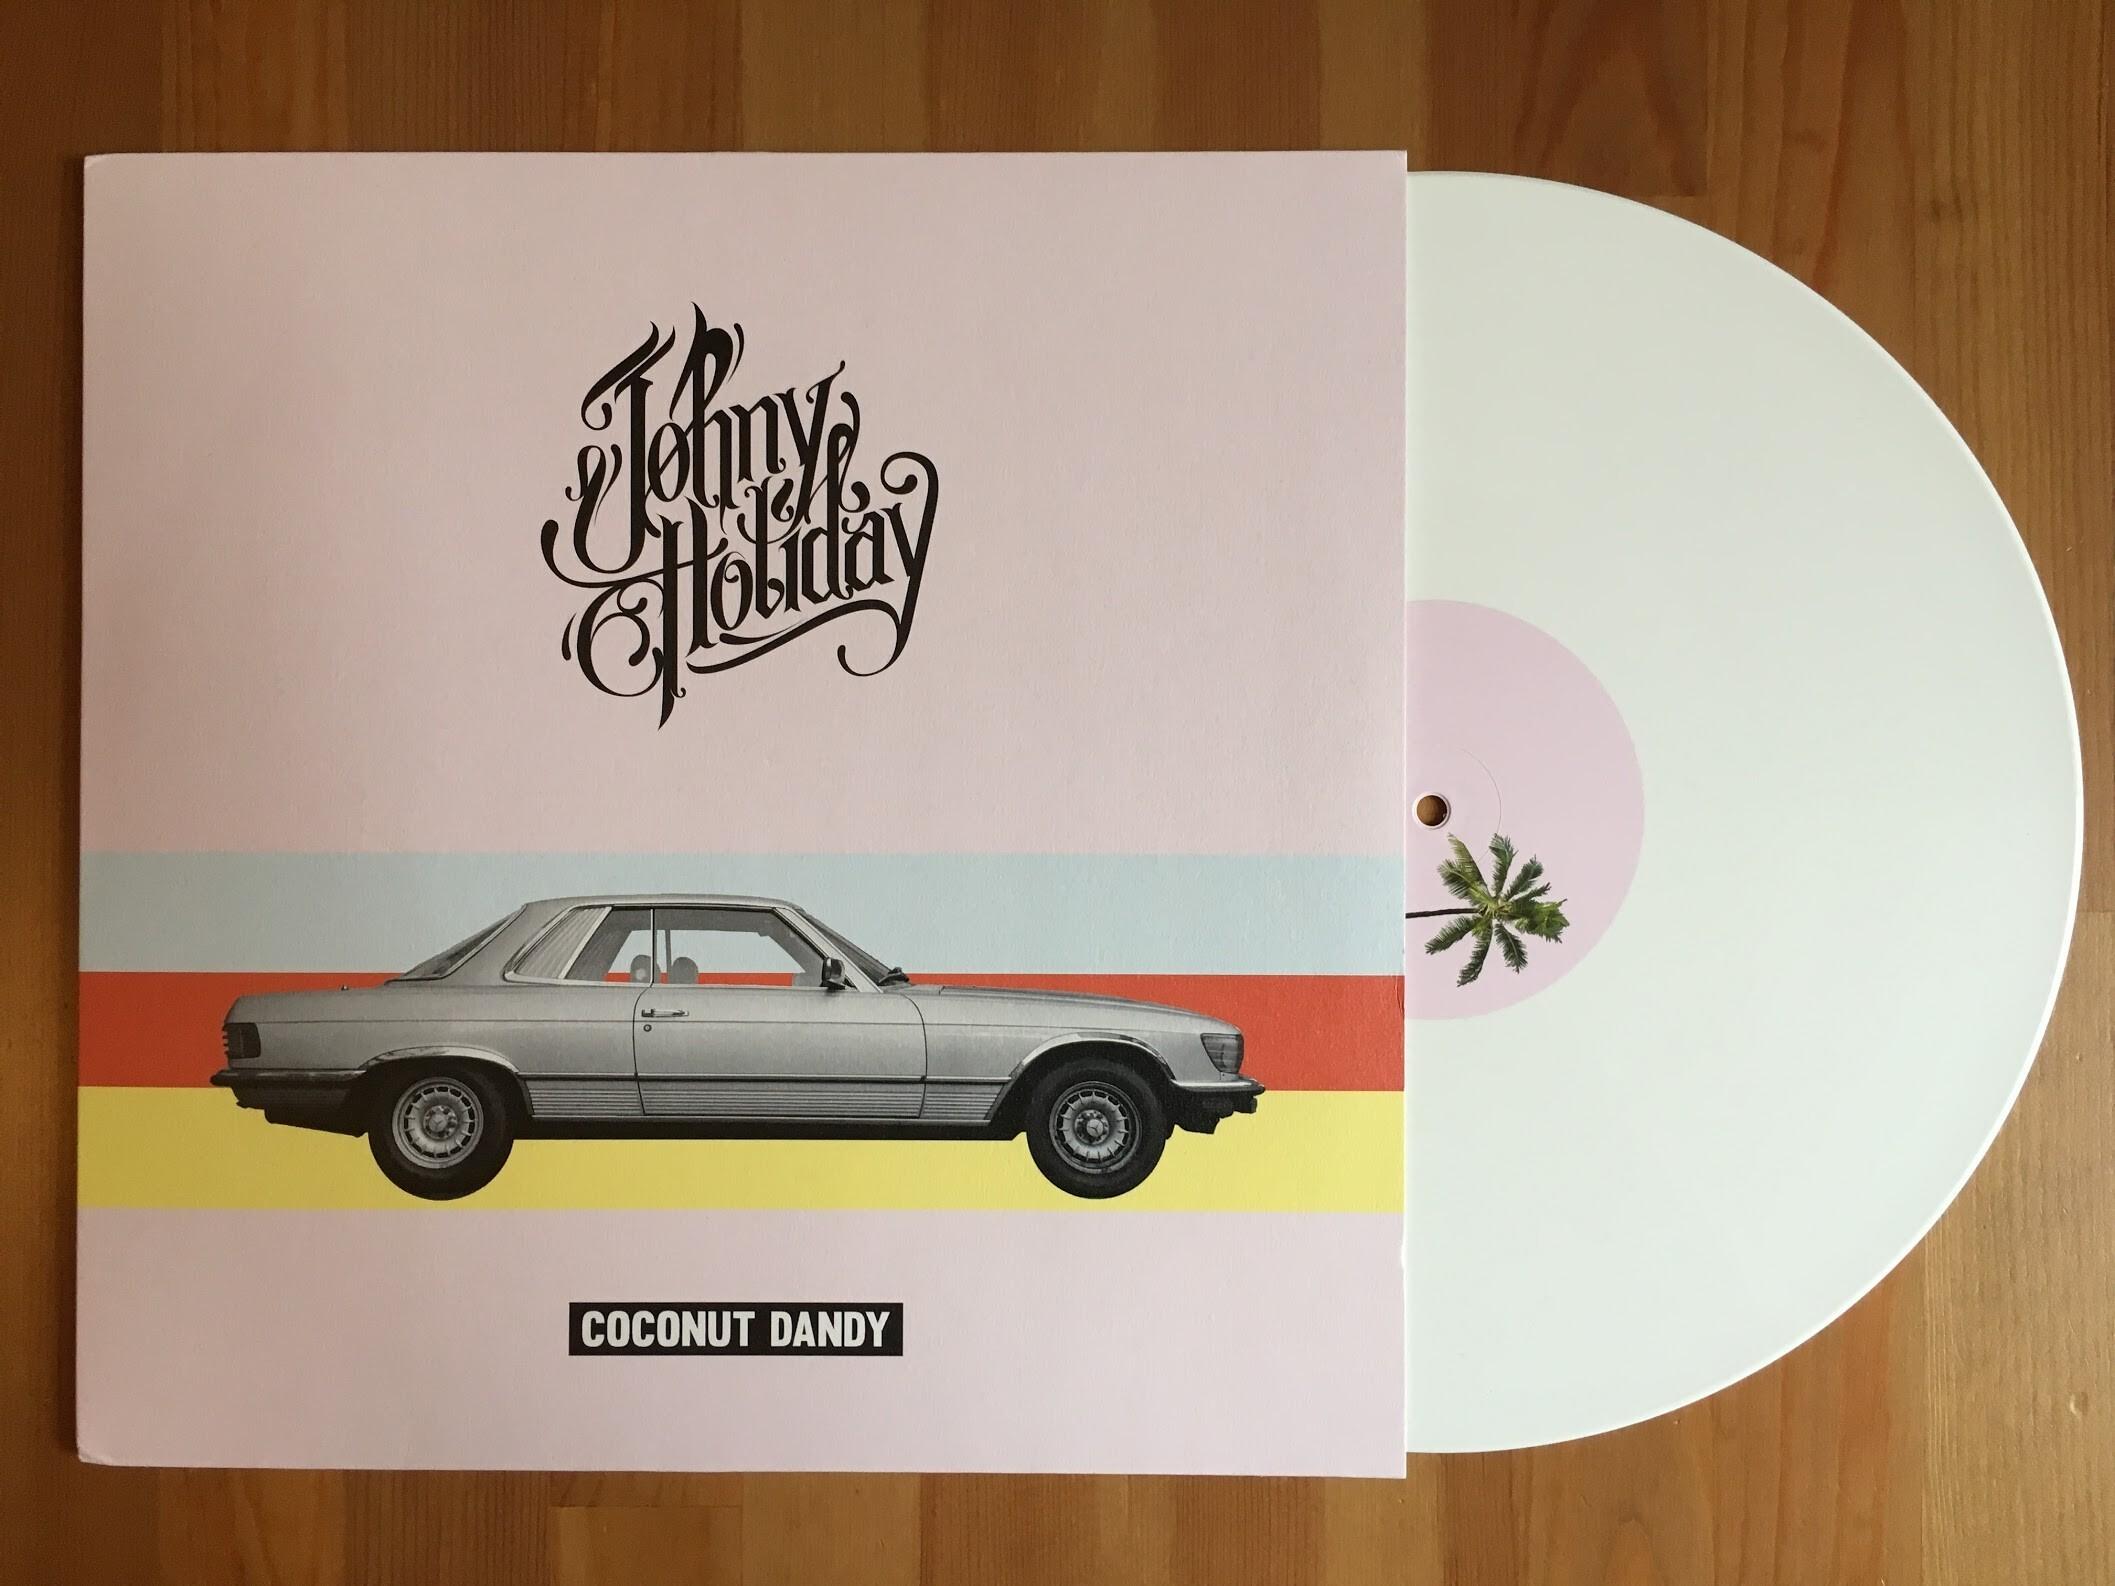 Johny Holiday - Coconut Dandy